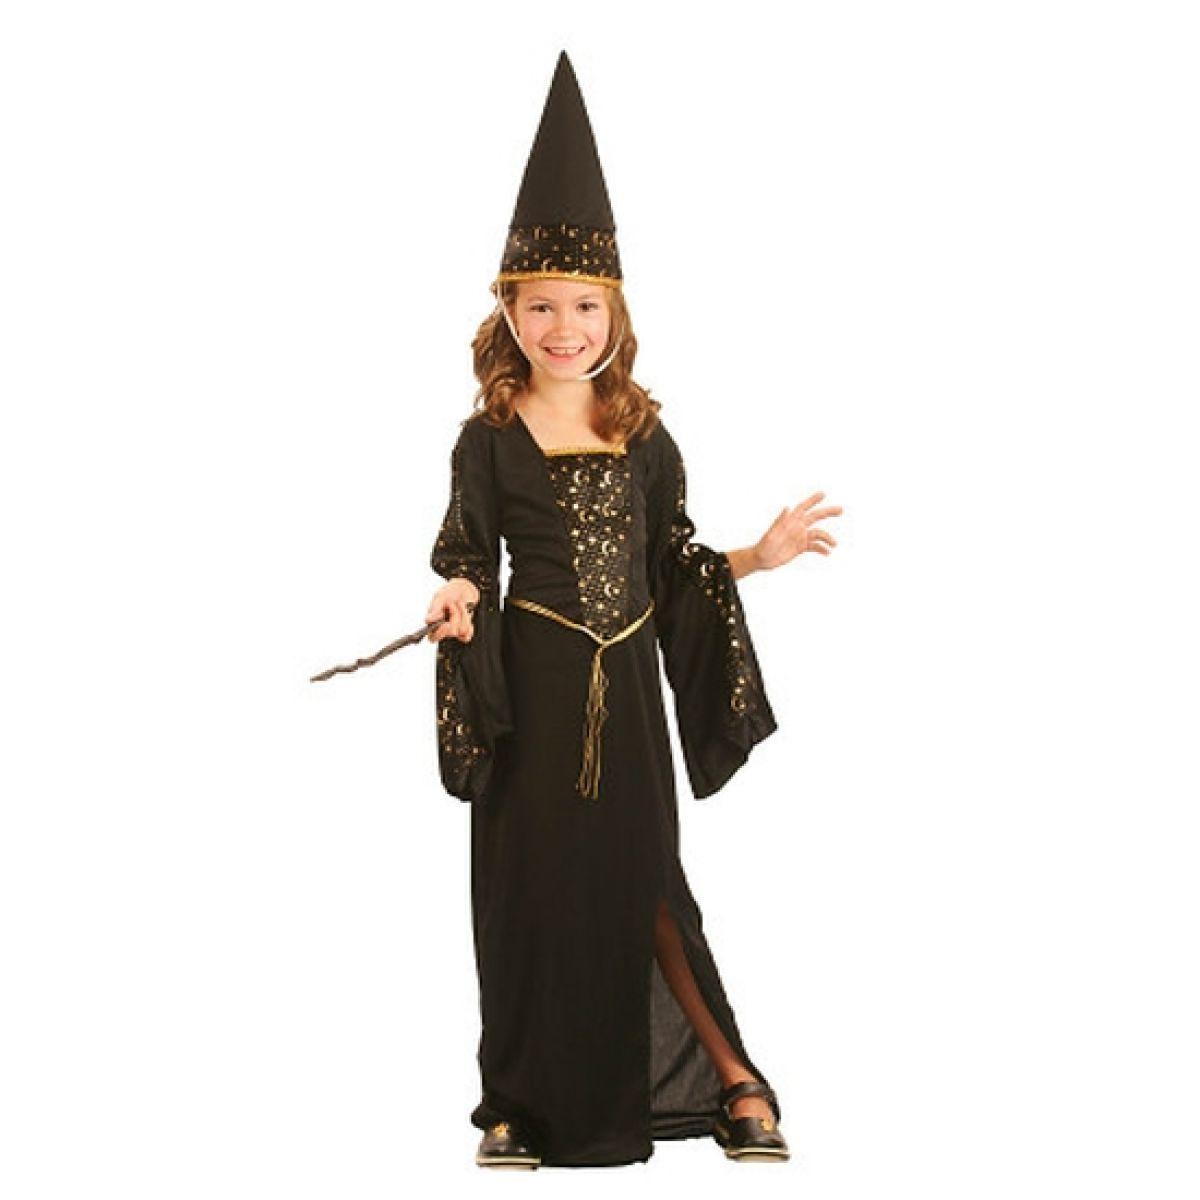 Made Dětský kostým Čarodějka 120-130cm MaDe